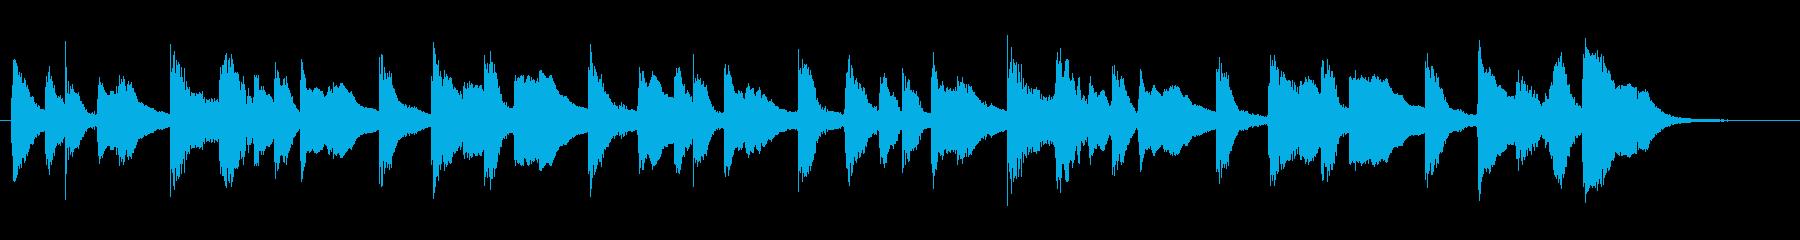 ★ジングル★軽快でかわいいピアノの再生済みの波形